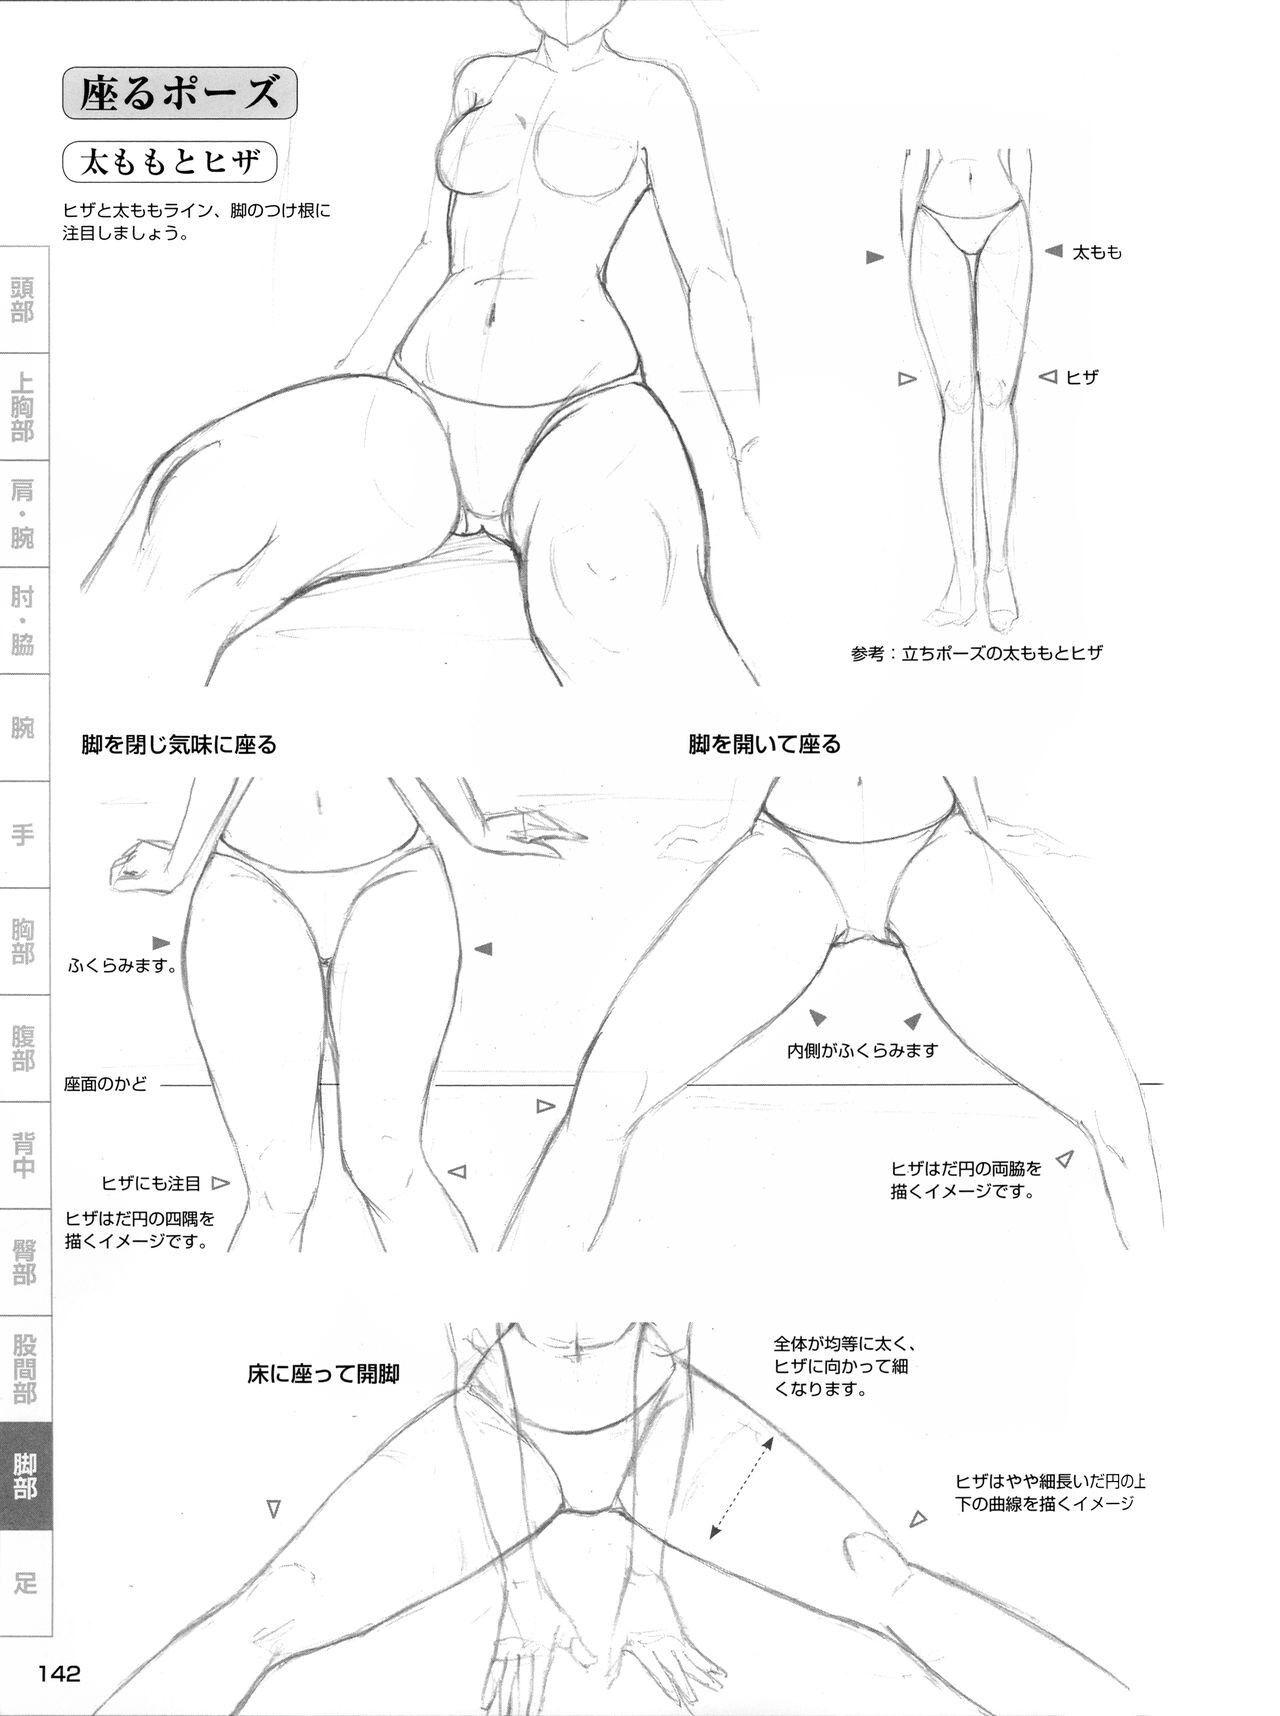 Pin de Madi en AR: Poses & Anatomy | Pinterest | Anatomía, Dibujo y ...